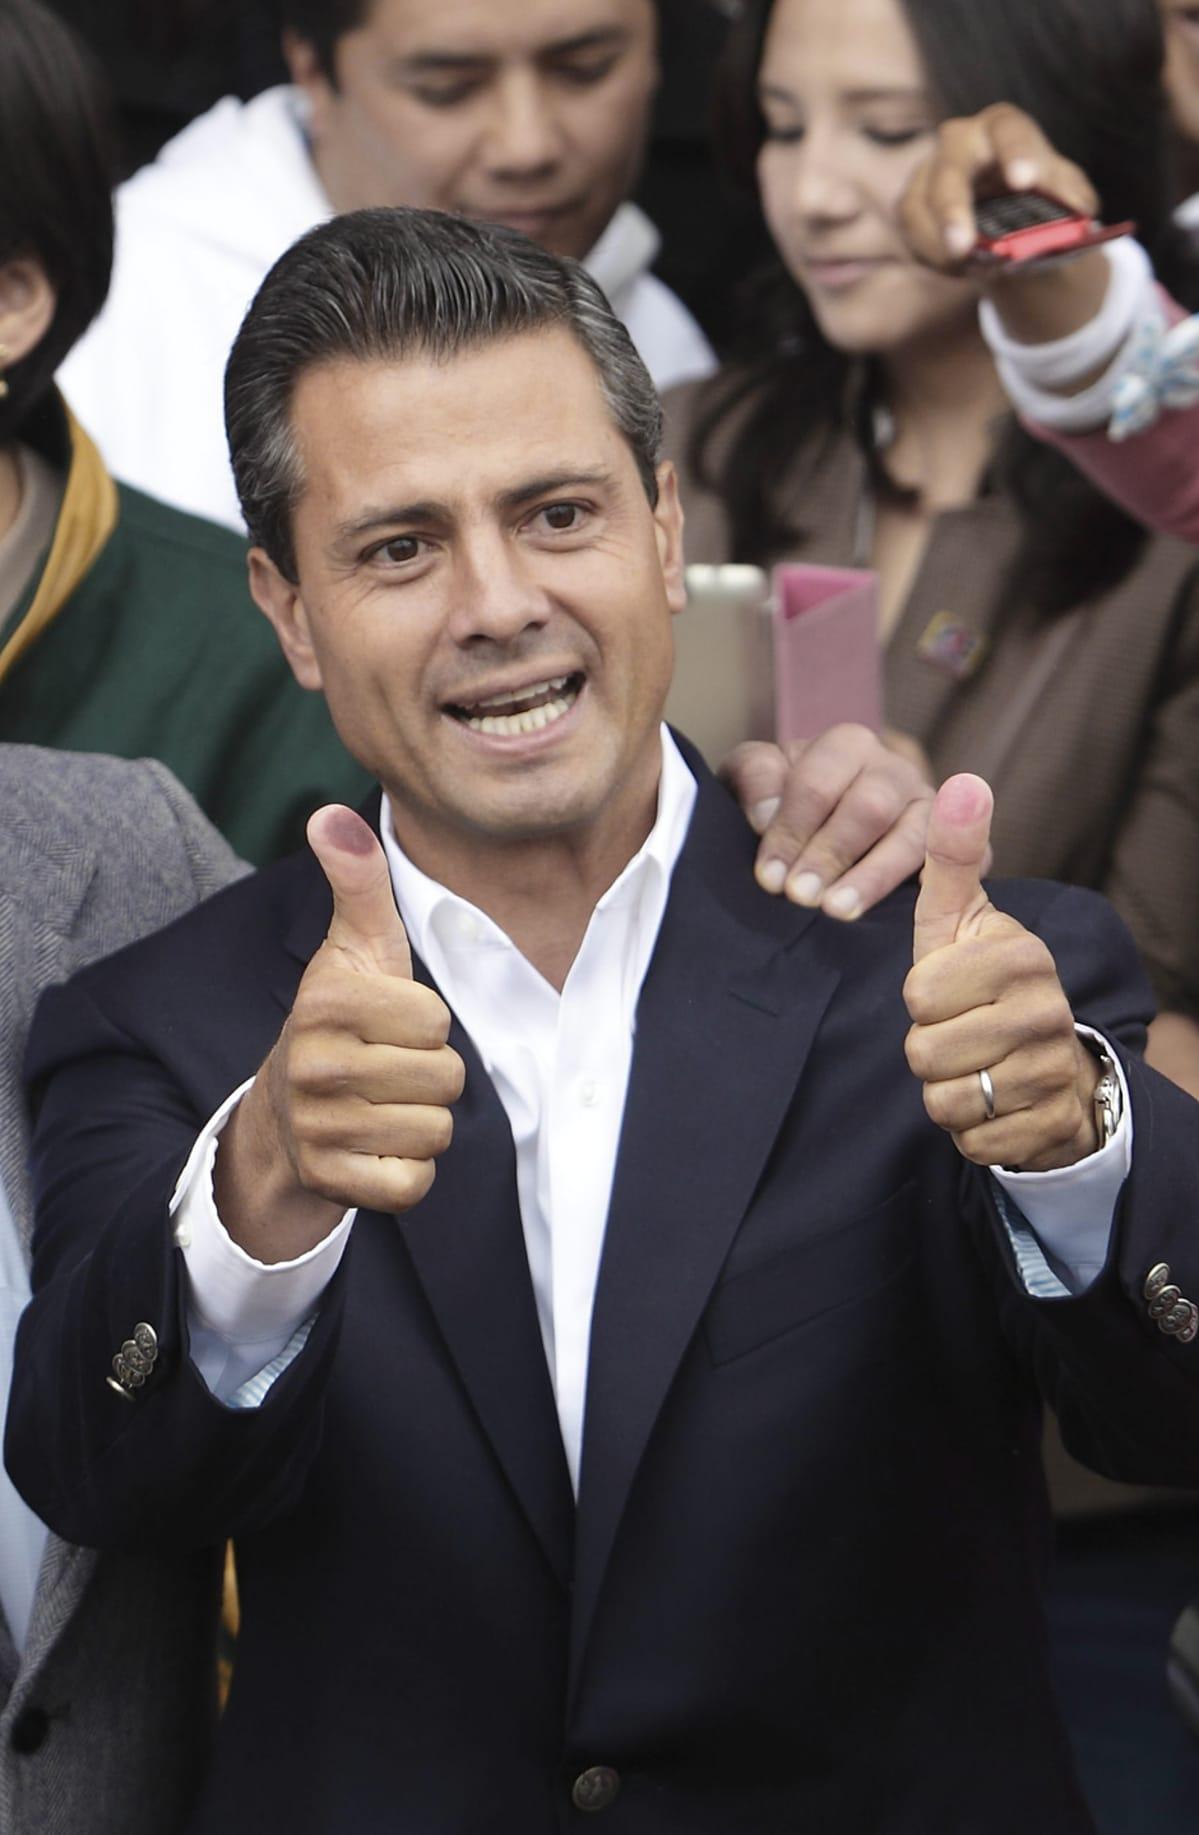 Meksikon presidentti Enrique Peña Nieto äänestämässä 1. heinäkuuta 2012.